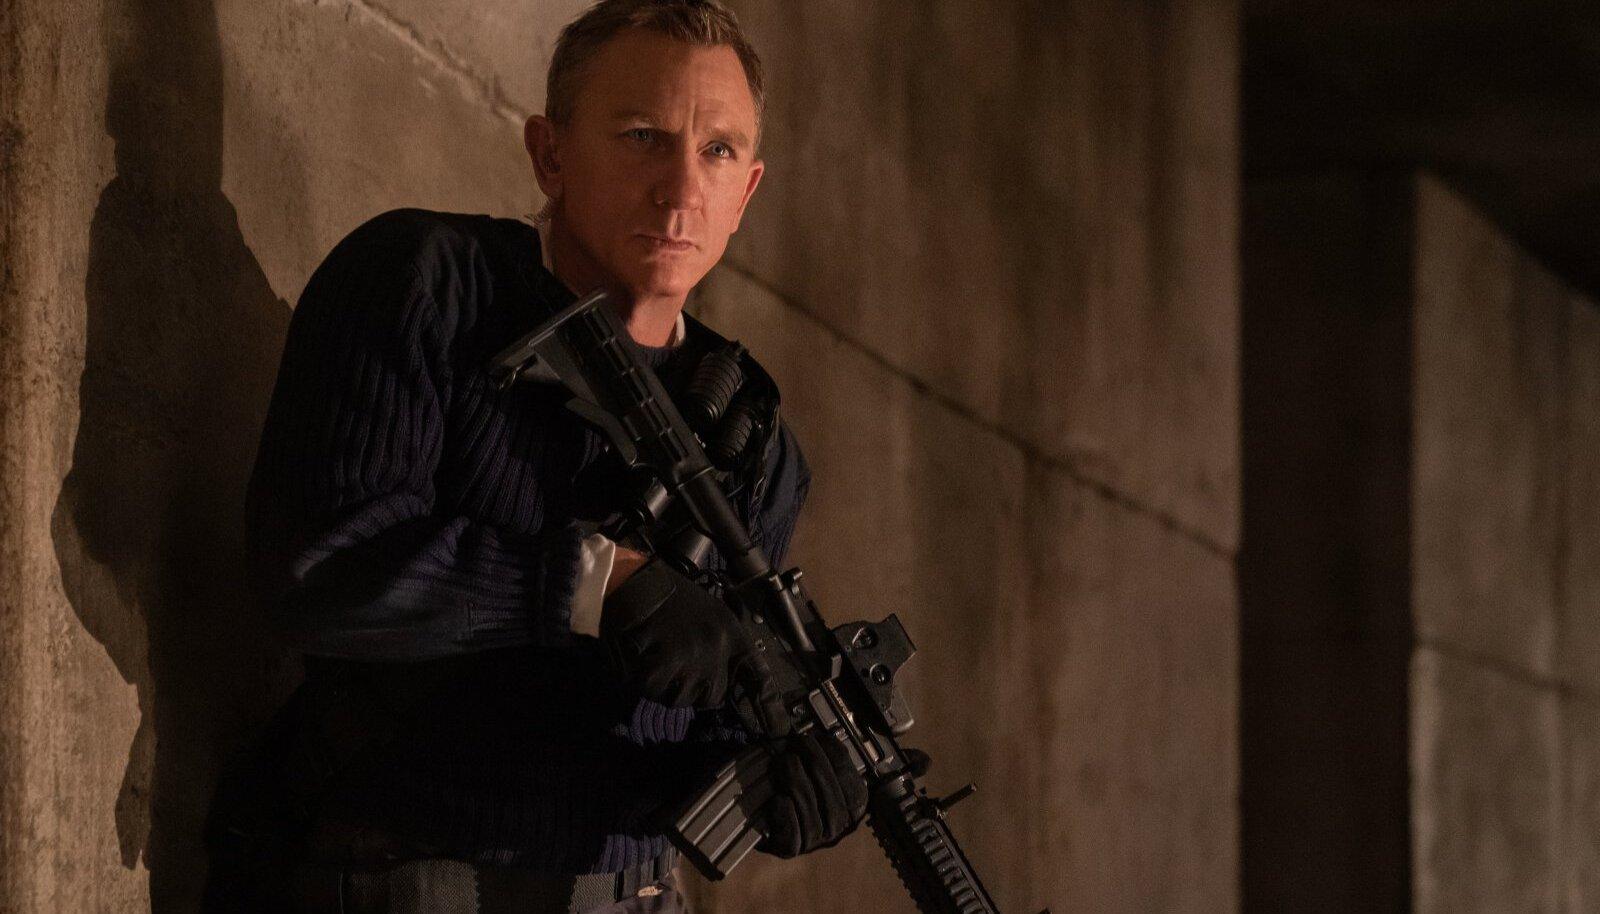 Daniel Craig annab endast luigelaulus kõik: varasemas neljas Bondi-filmis ei olnud ta nii tundeline, haavatav ega ka nii humoorikas ja vaba.